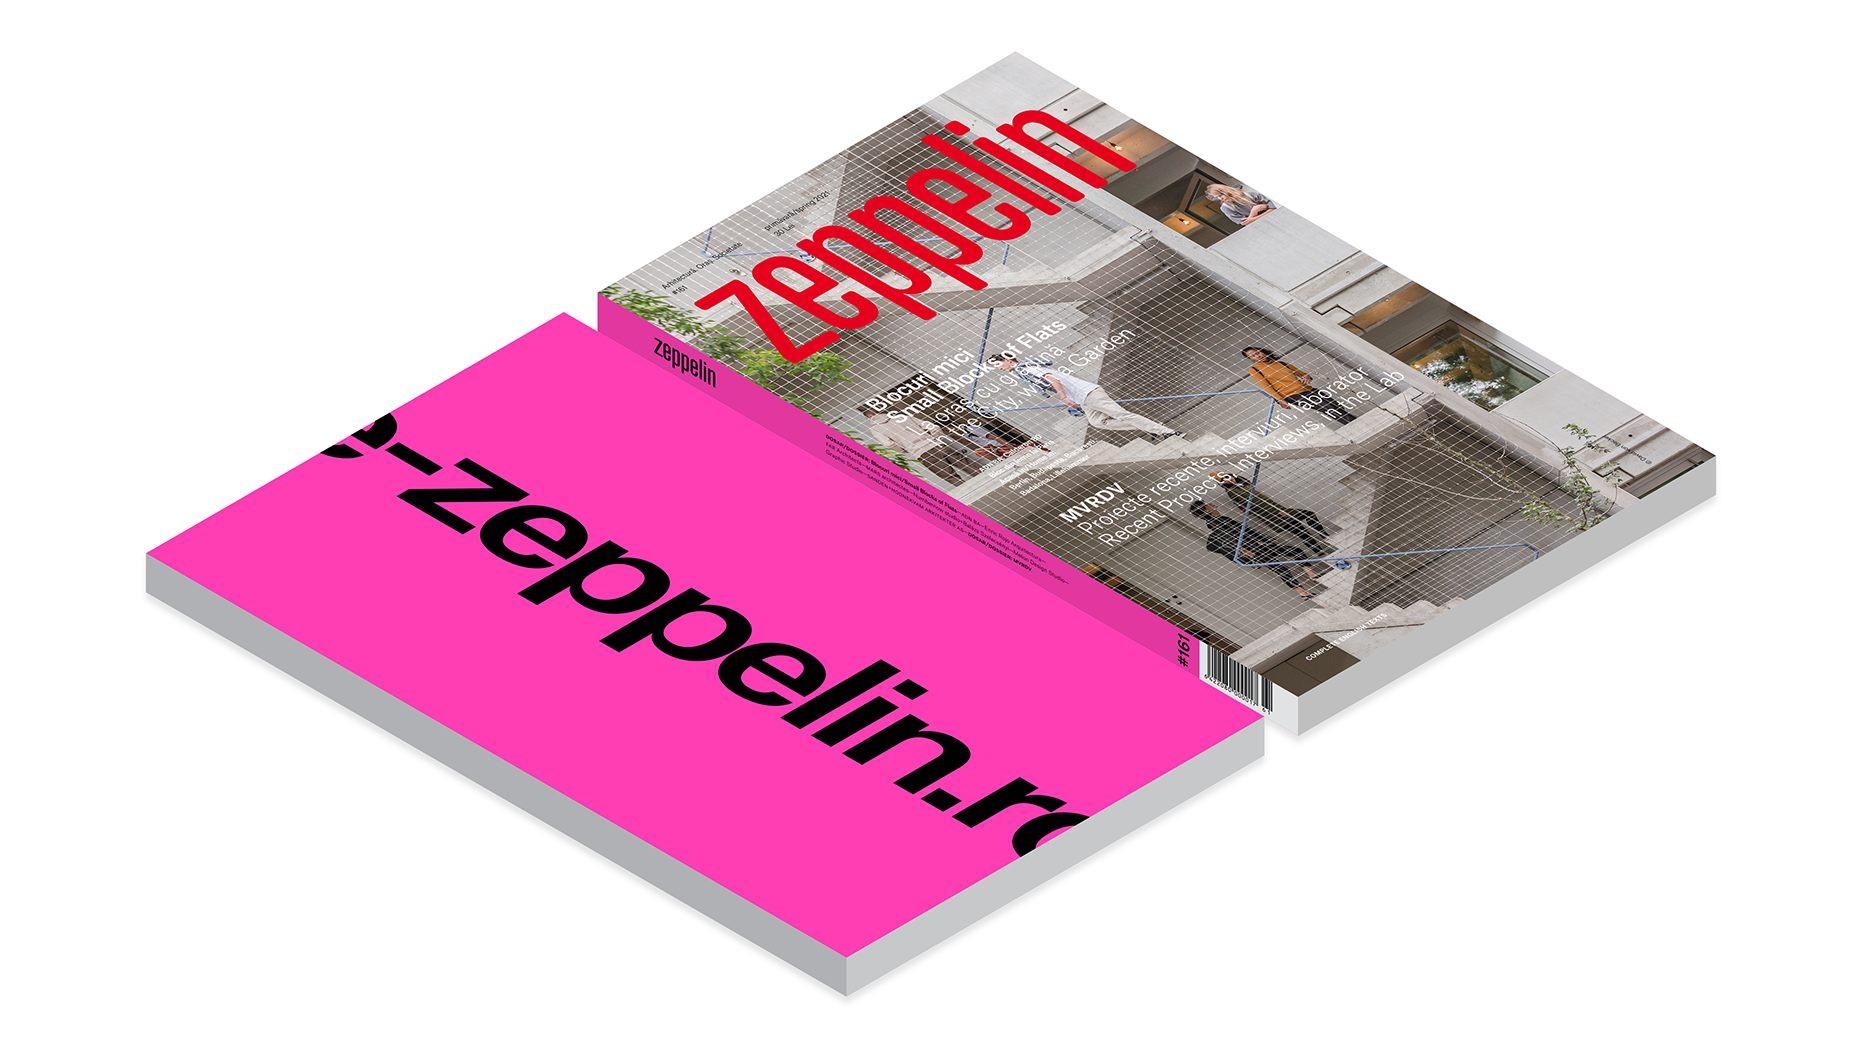 zeppelin_161_coperte 3D